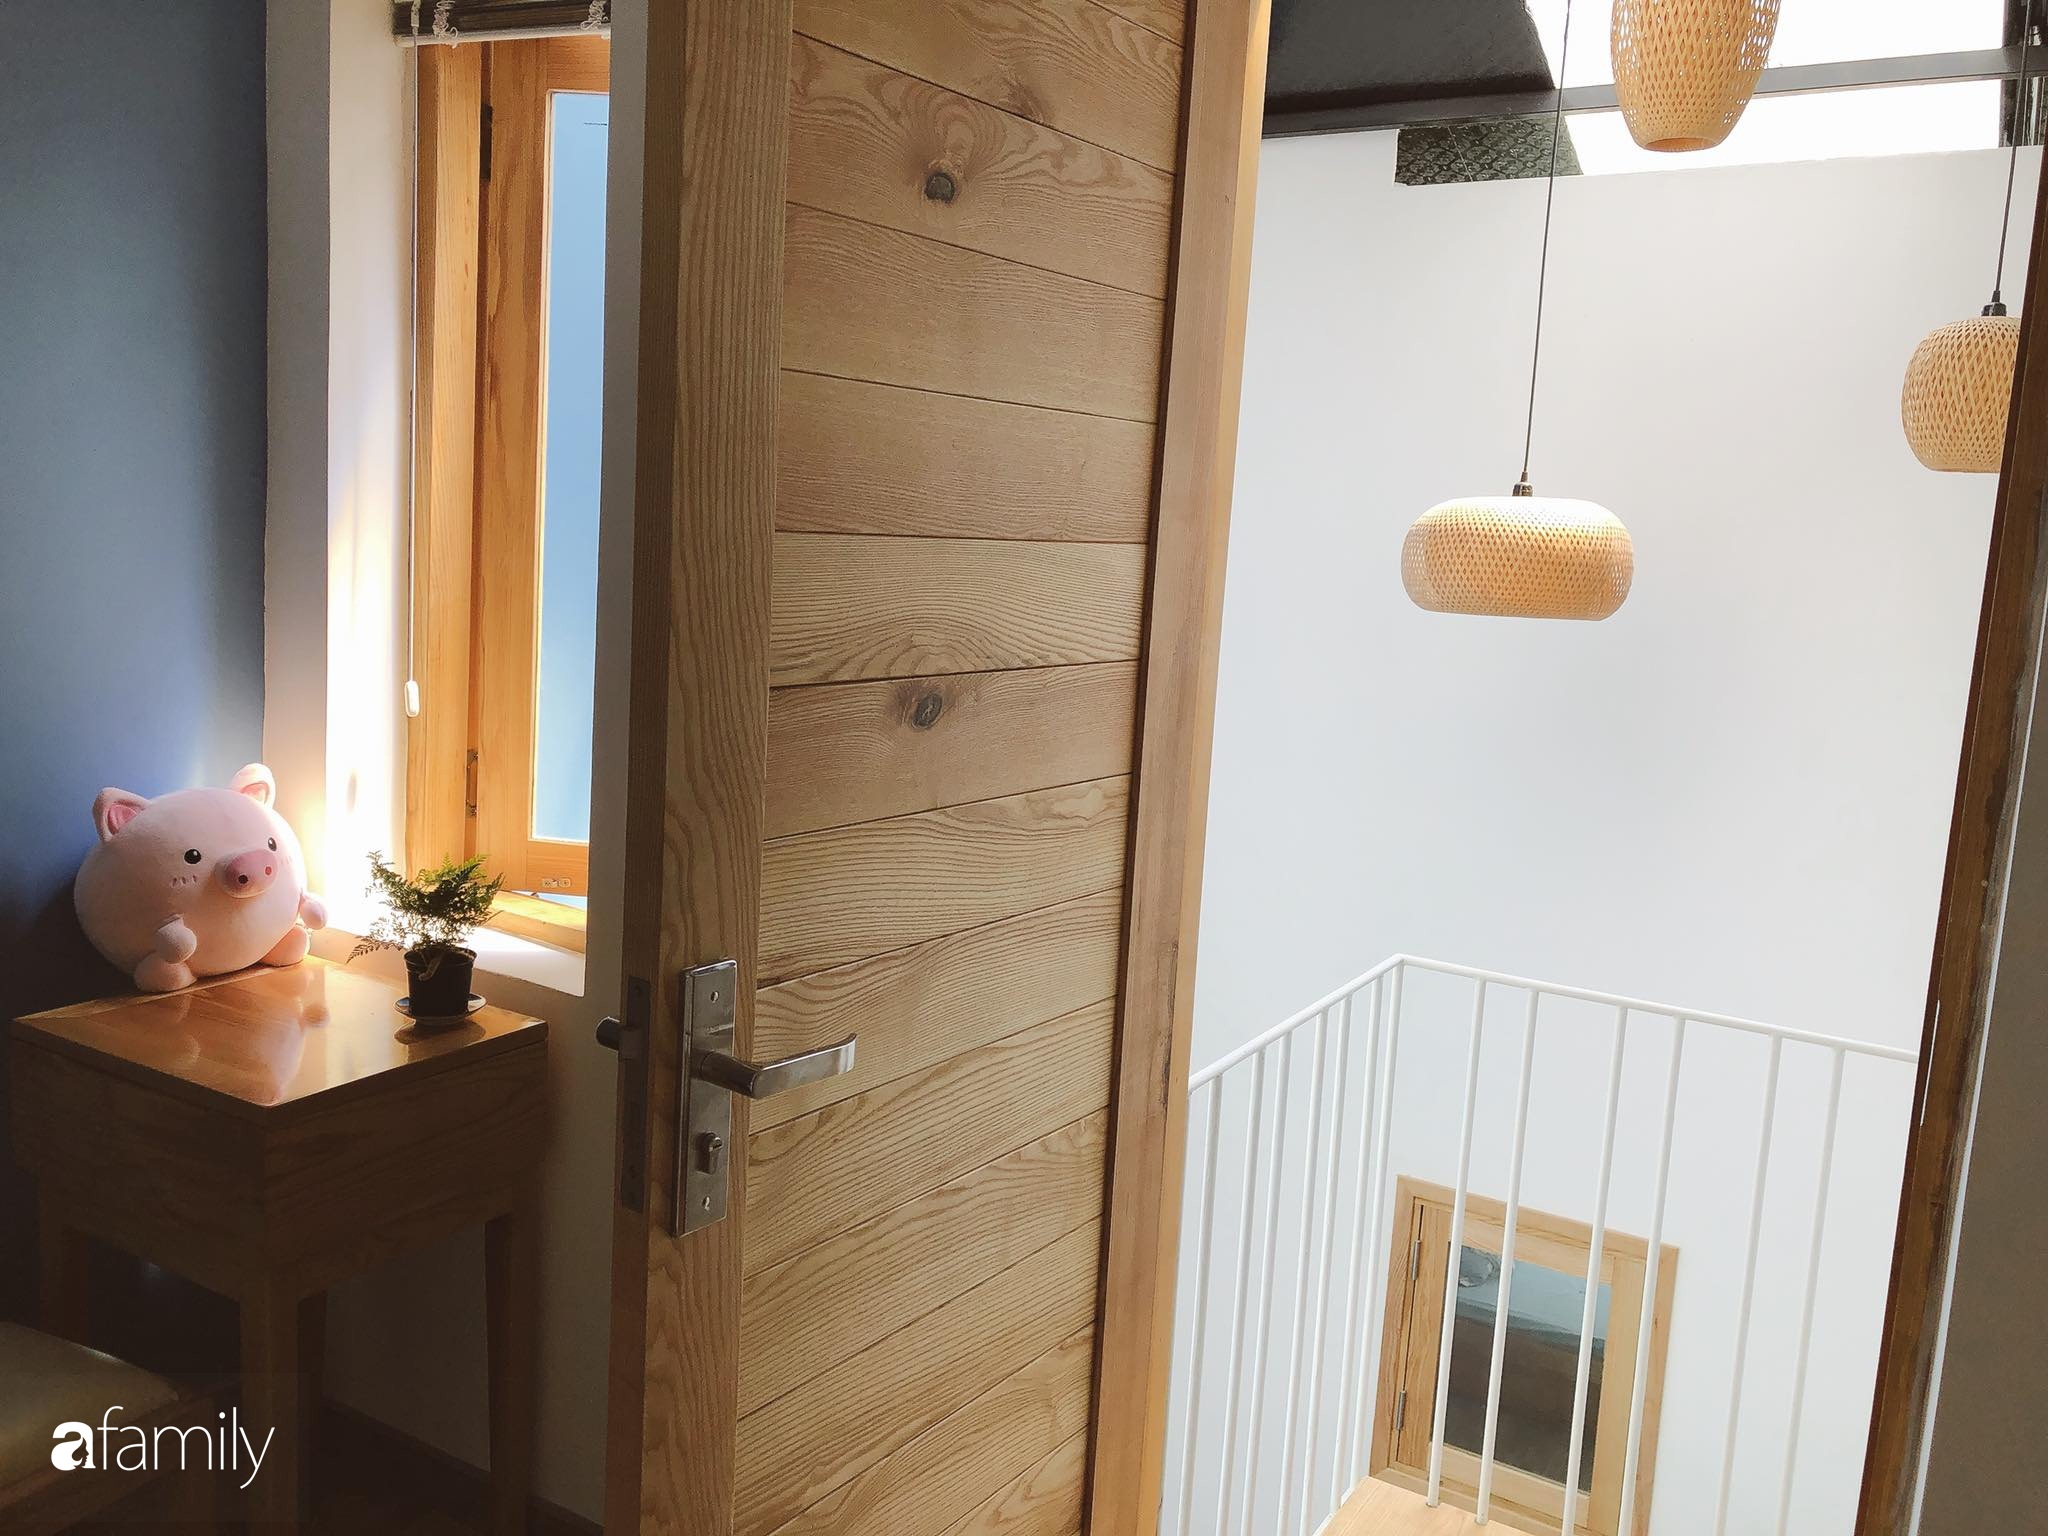 Nhà 35m² được cải tạo thành không gian sống hiện đại với ánh sáng ngập tràn cùng những chất liệu thân thiện với môi trường ở Vũng Tàu - Ảnh 24.